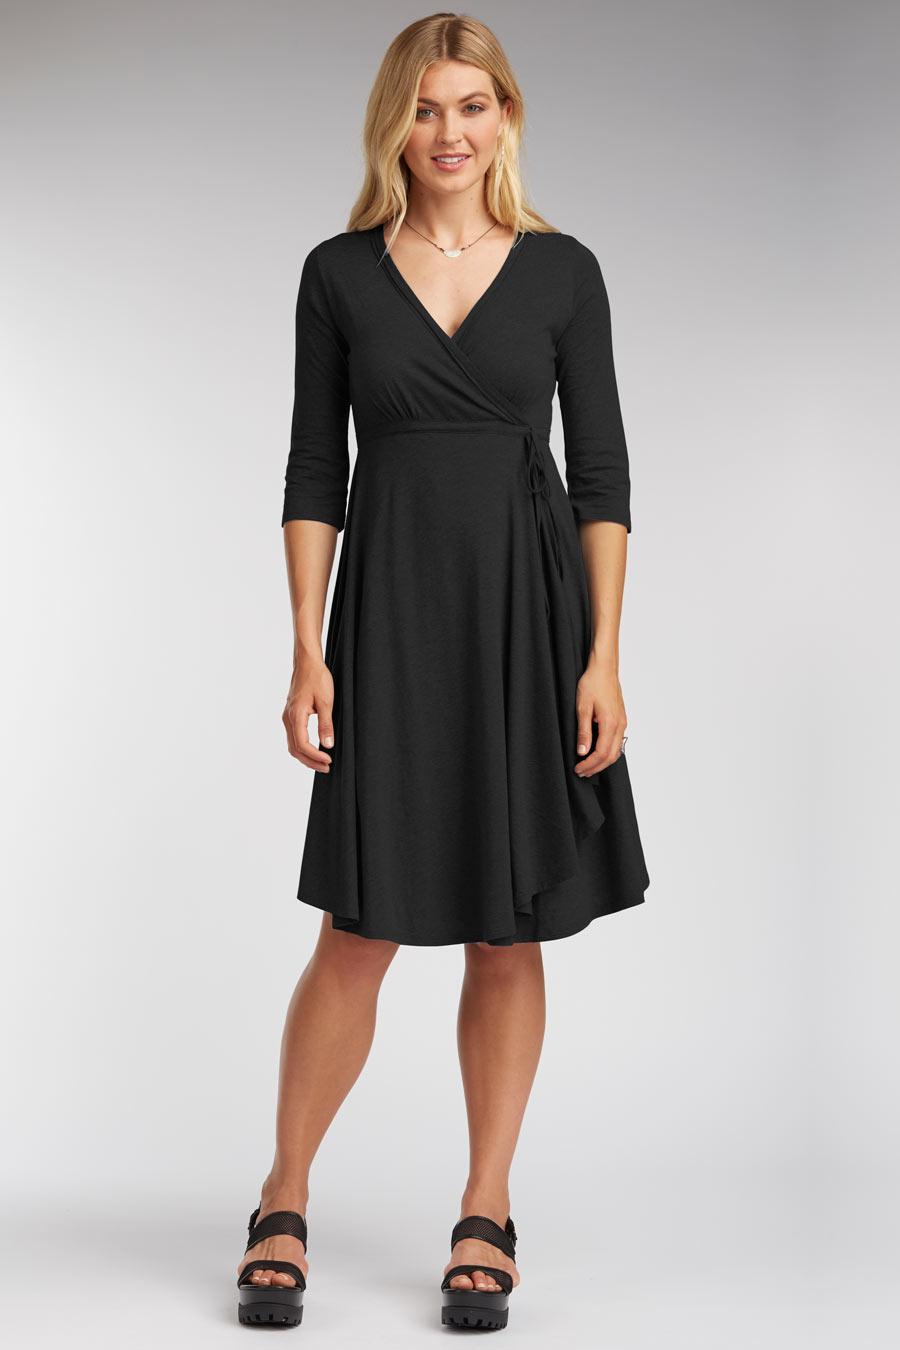 cb36aeb6c411c4 Classic Wrap Dress — O O L O O P